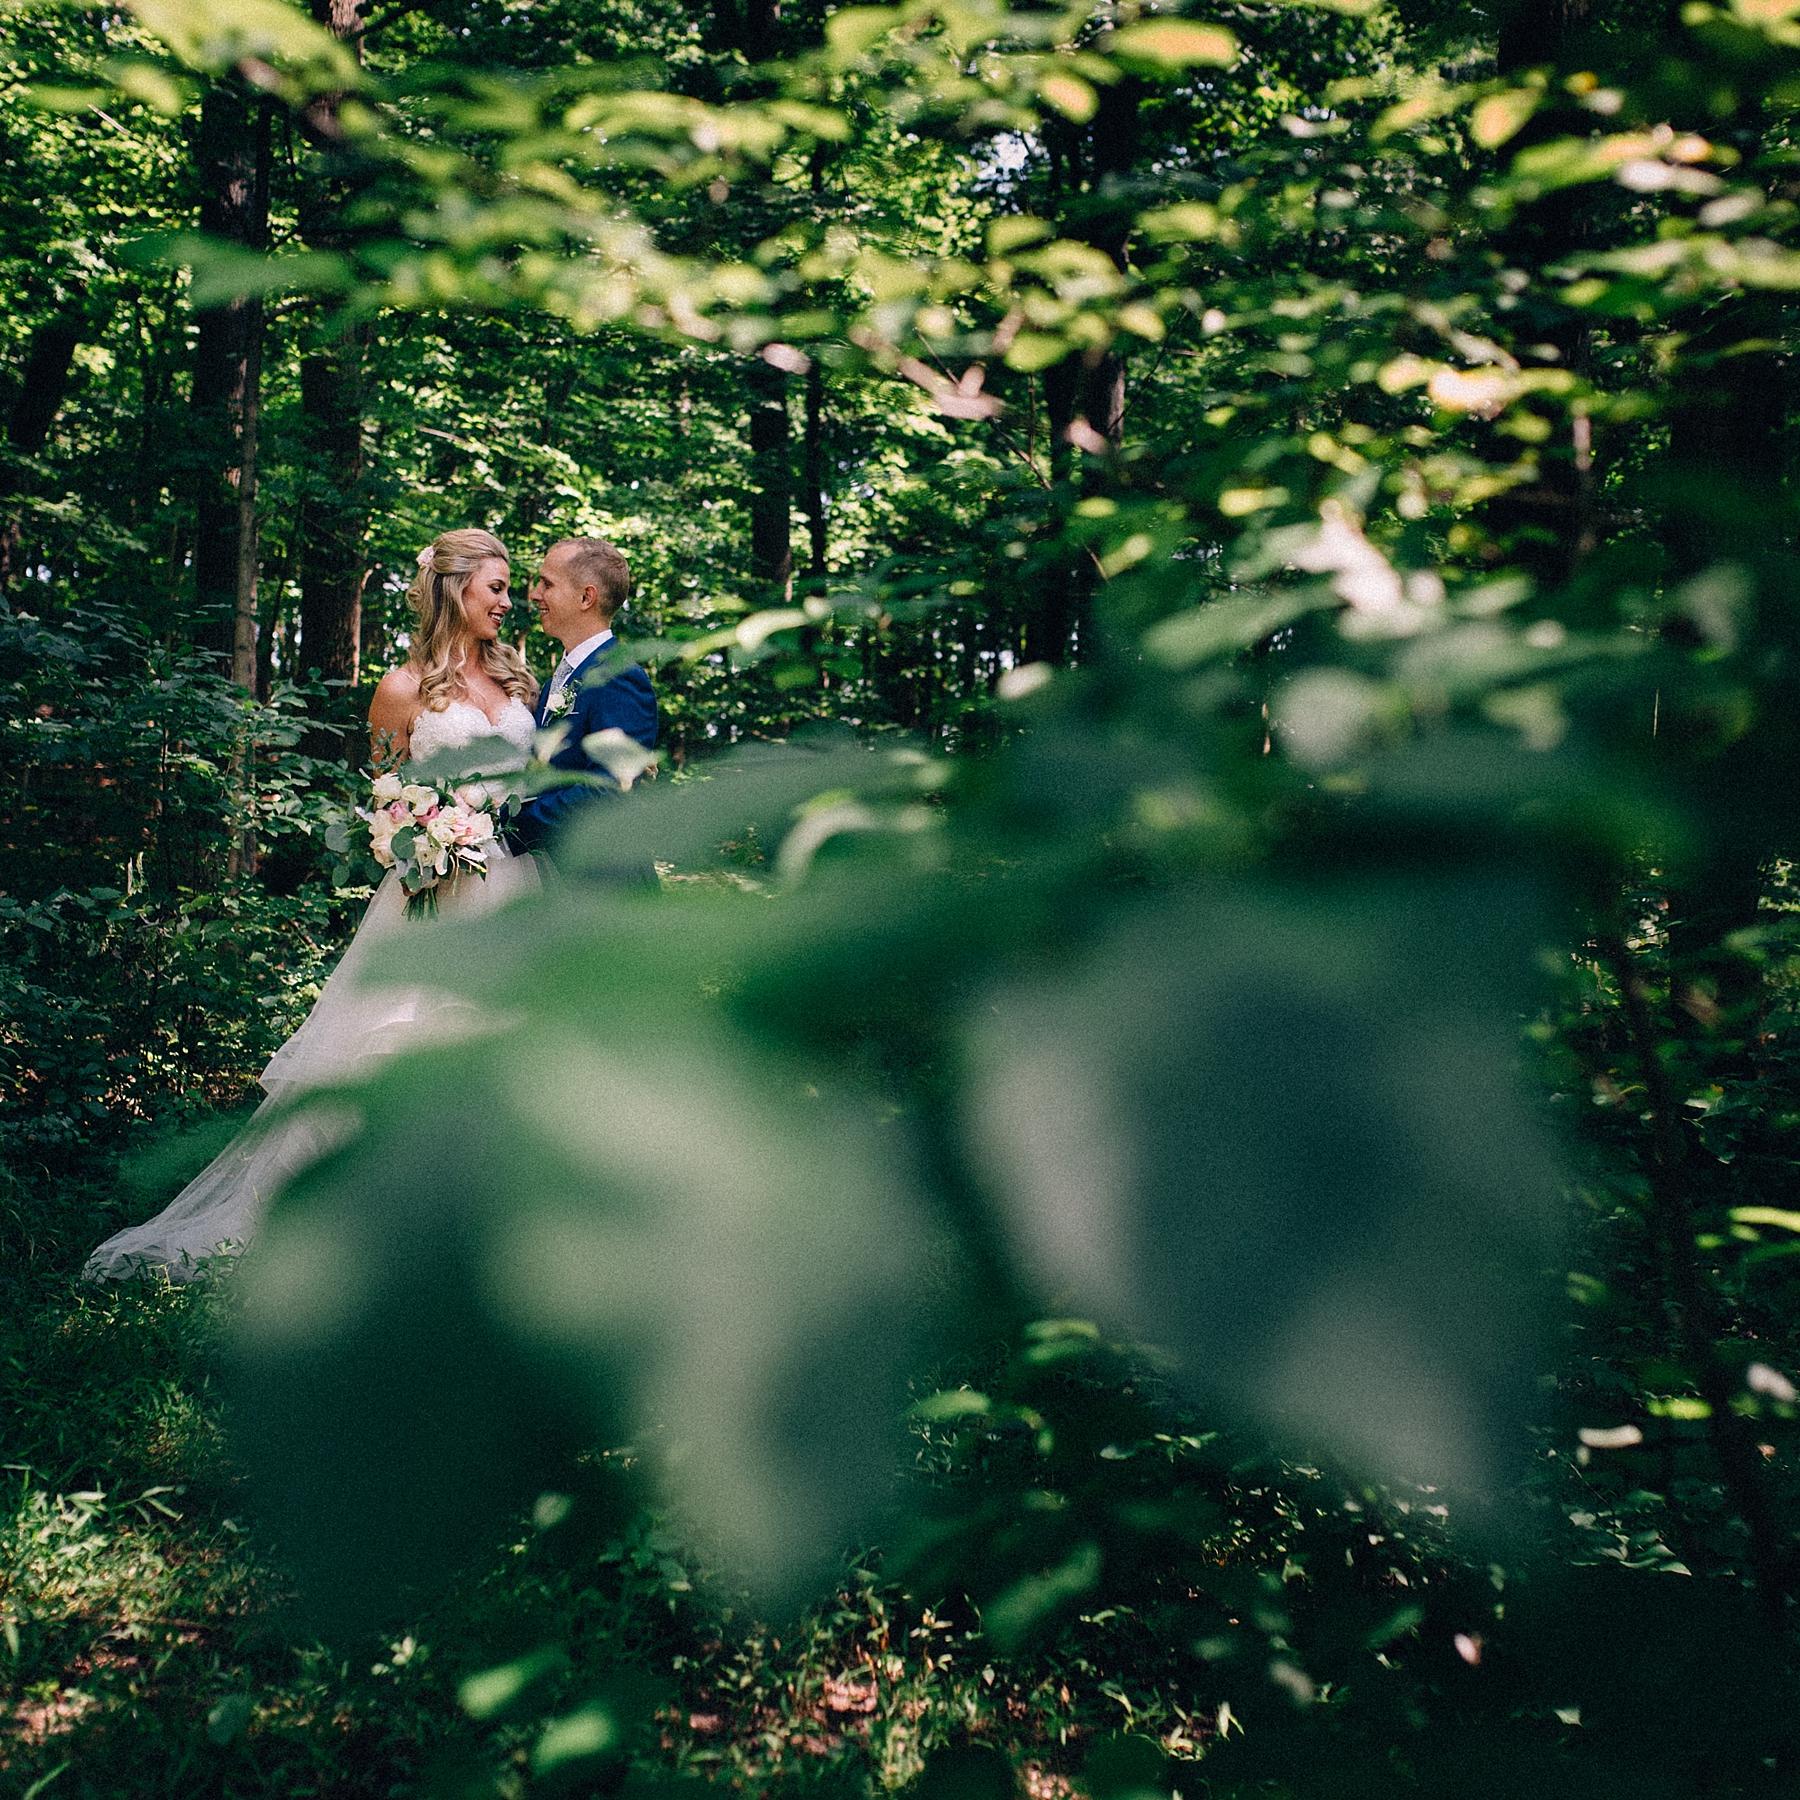 childhood-home-wedding-new-hope-pa-lambertville-nj_0027.jpg